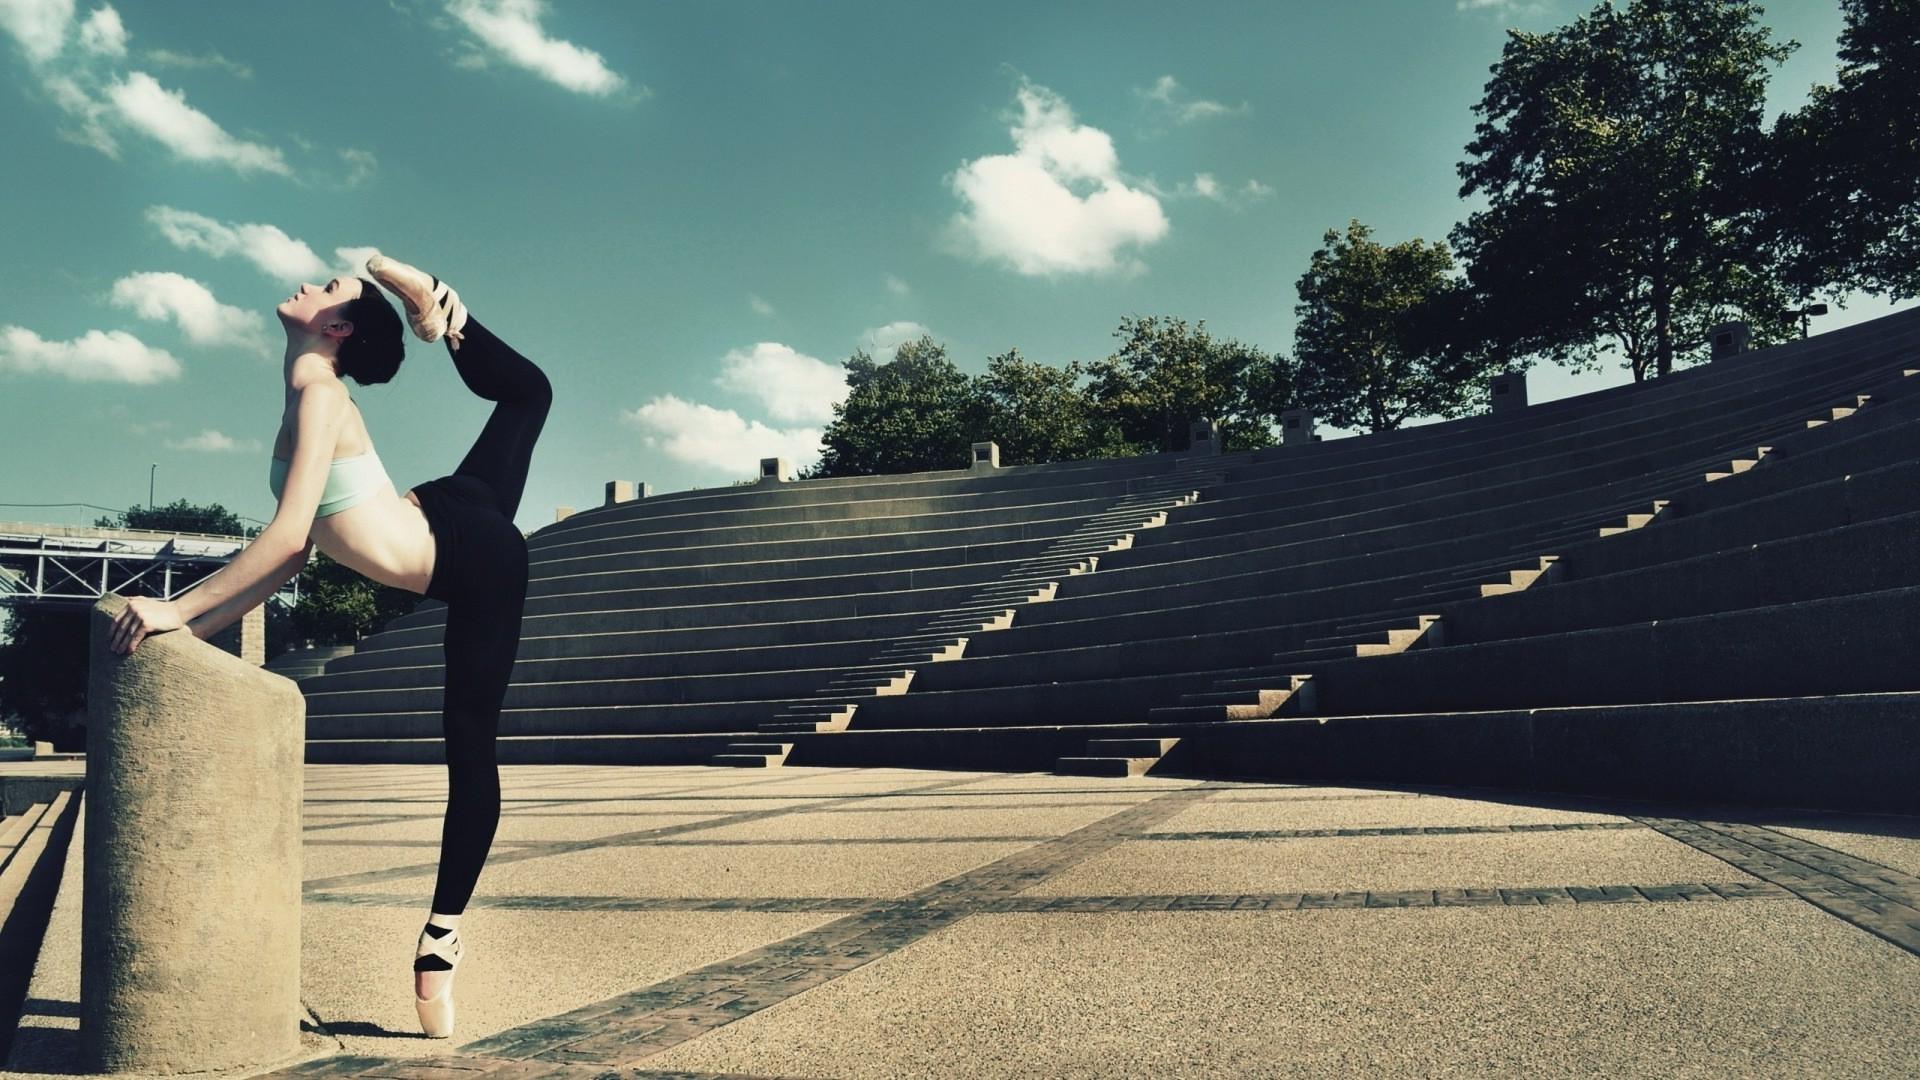 Ballet Dancer Wallpaper Free Wide Hd Wallpaper: Ballet Desktop Wallpaper